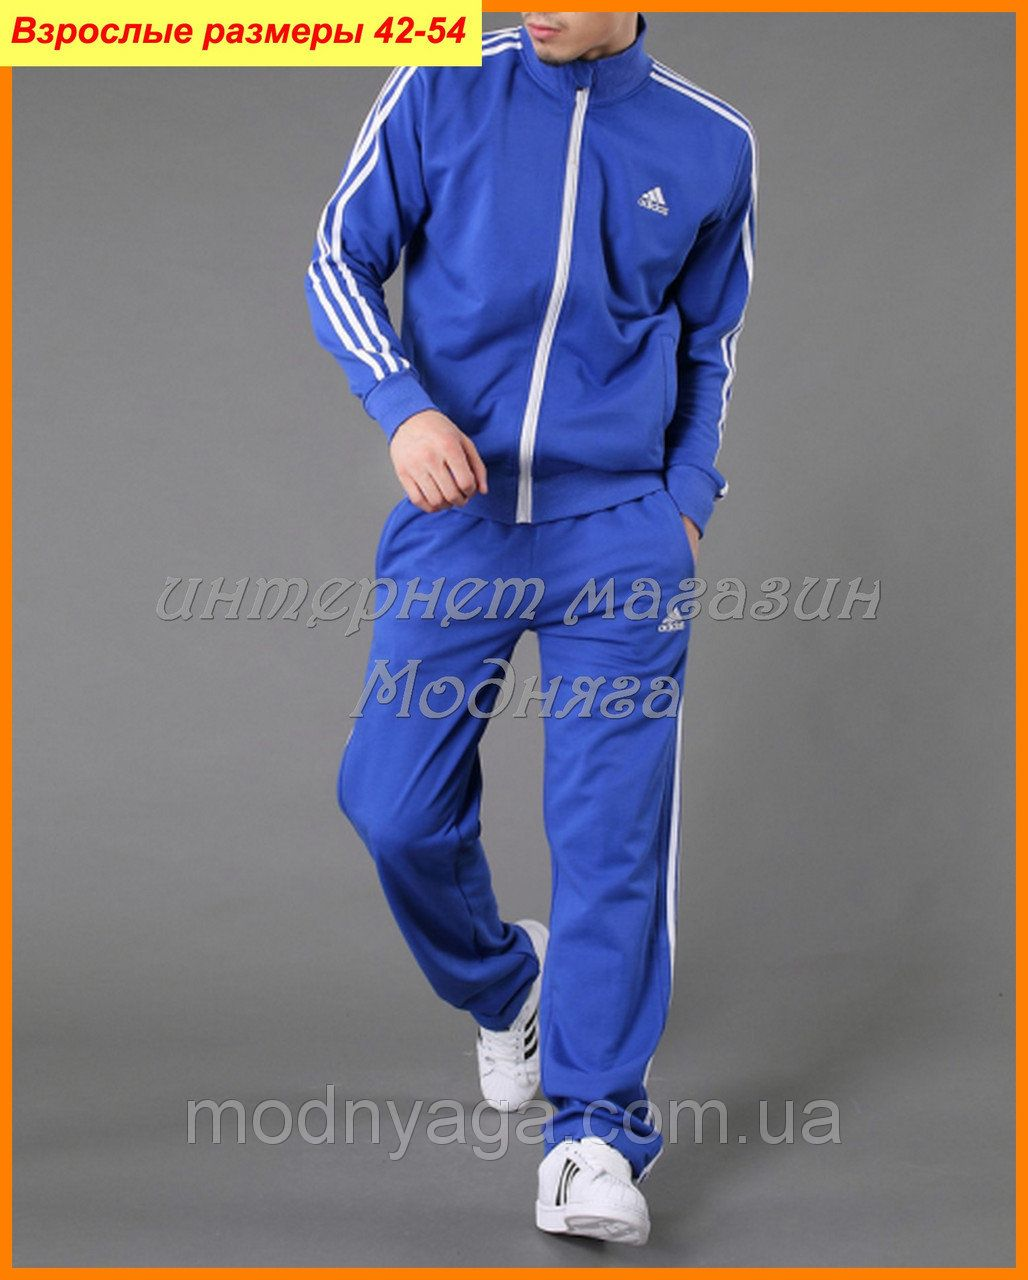 e879a281 Спортивные костюмы мужские Adidas в Днепропетровске и по всей Украине - Интернет  магазин